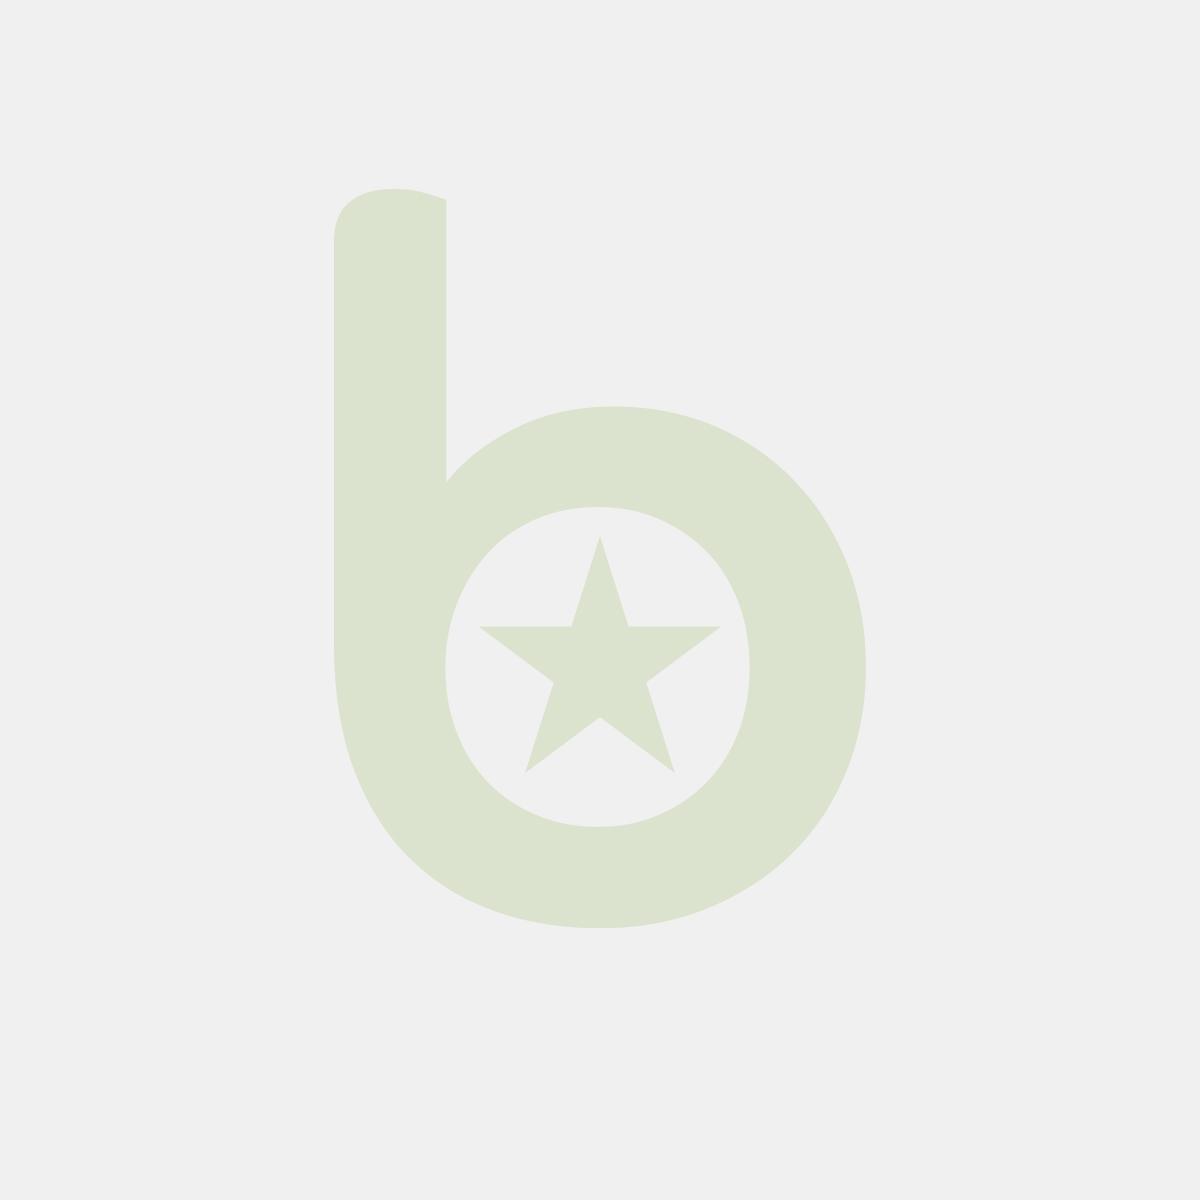 Kubki MAKI 250ml Ogólne Kropki 038306 Blue Dots op. 8 sztuk